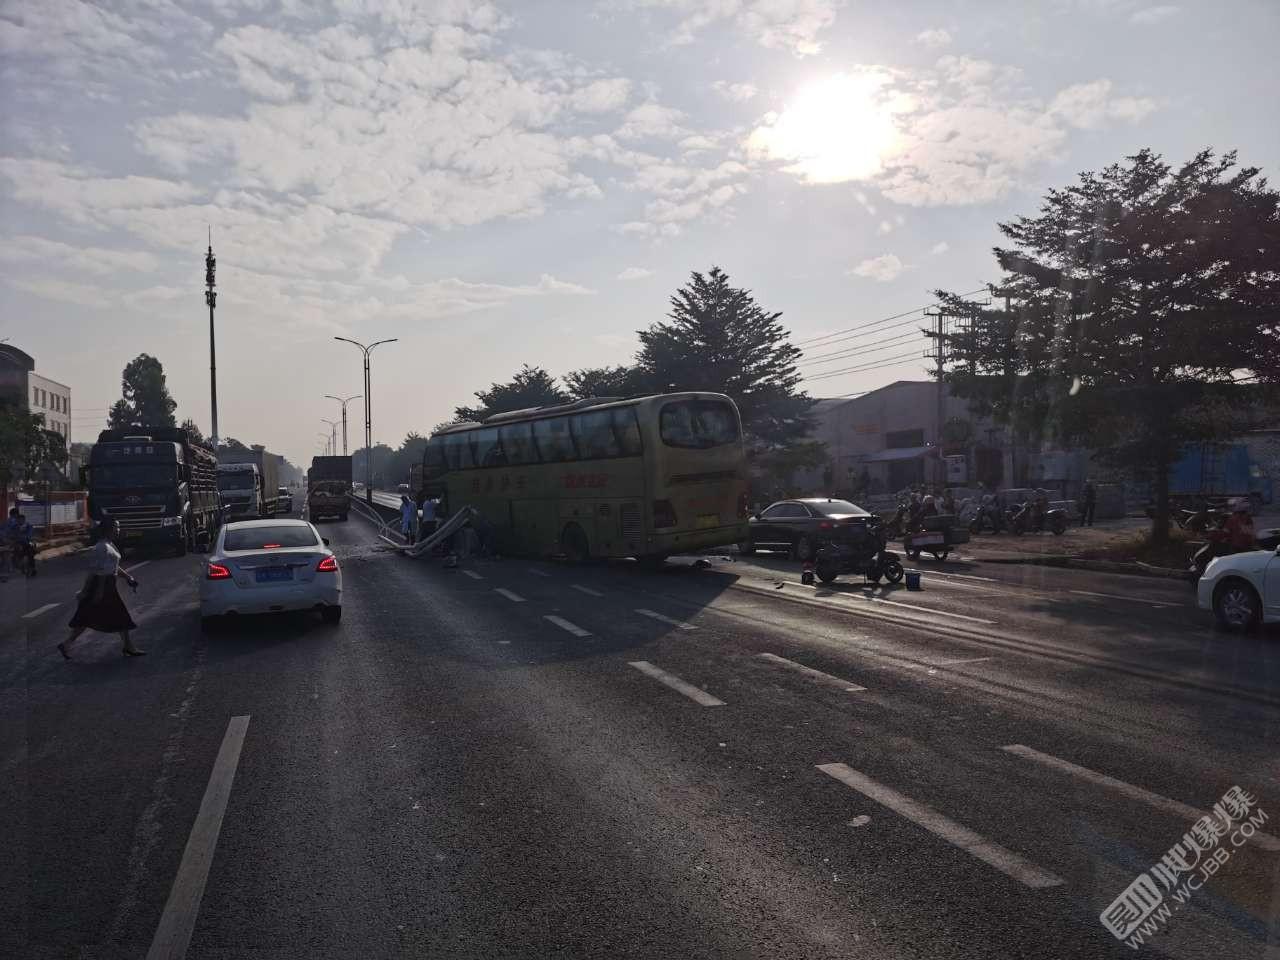 吳川G228國道發生車禍,大巴車撞上水泥護欄,撞到路燈擋風玻璃全破碎!